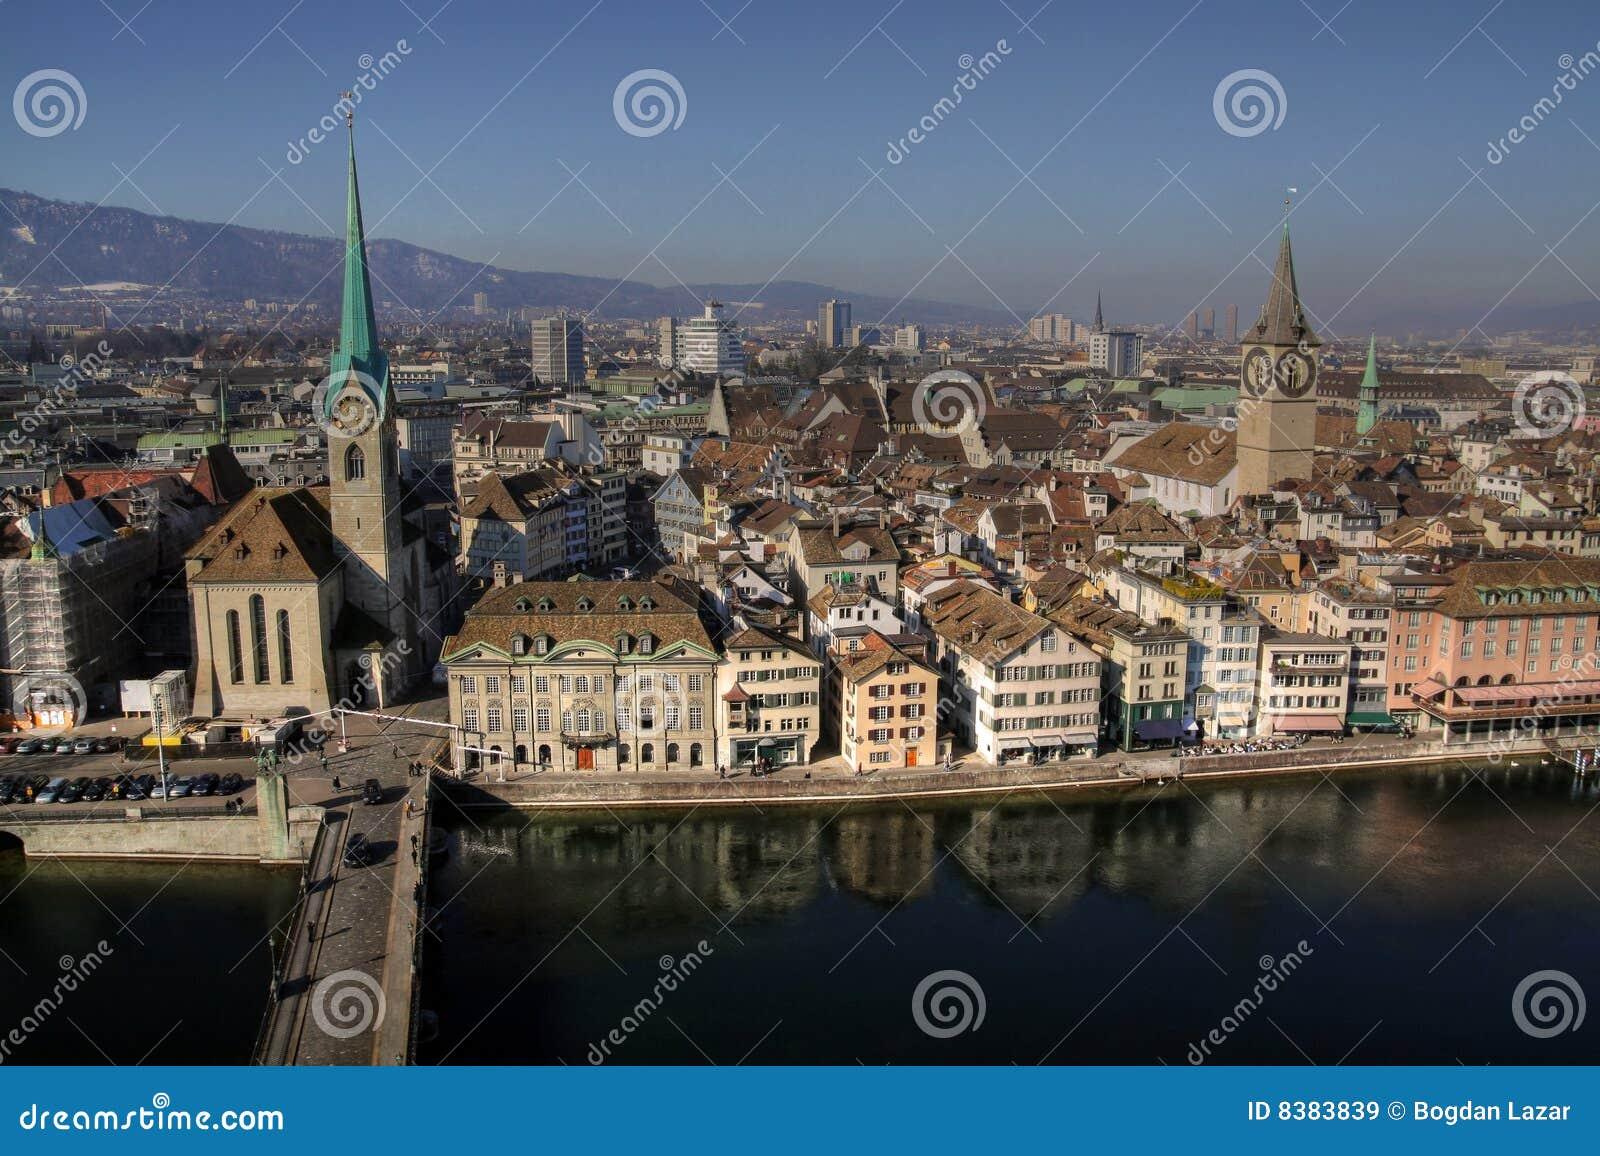 Zurich aerial 01, Switzerland